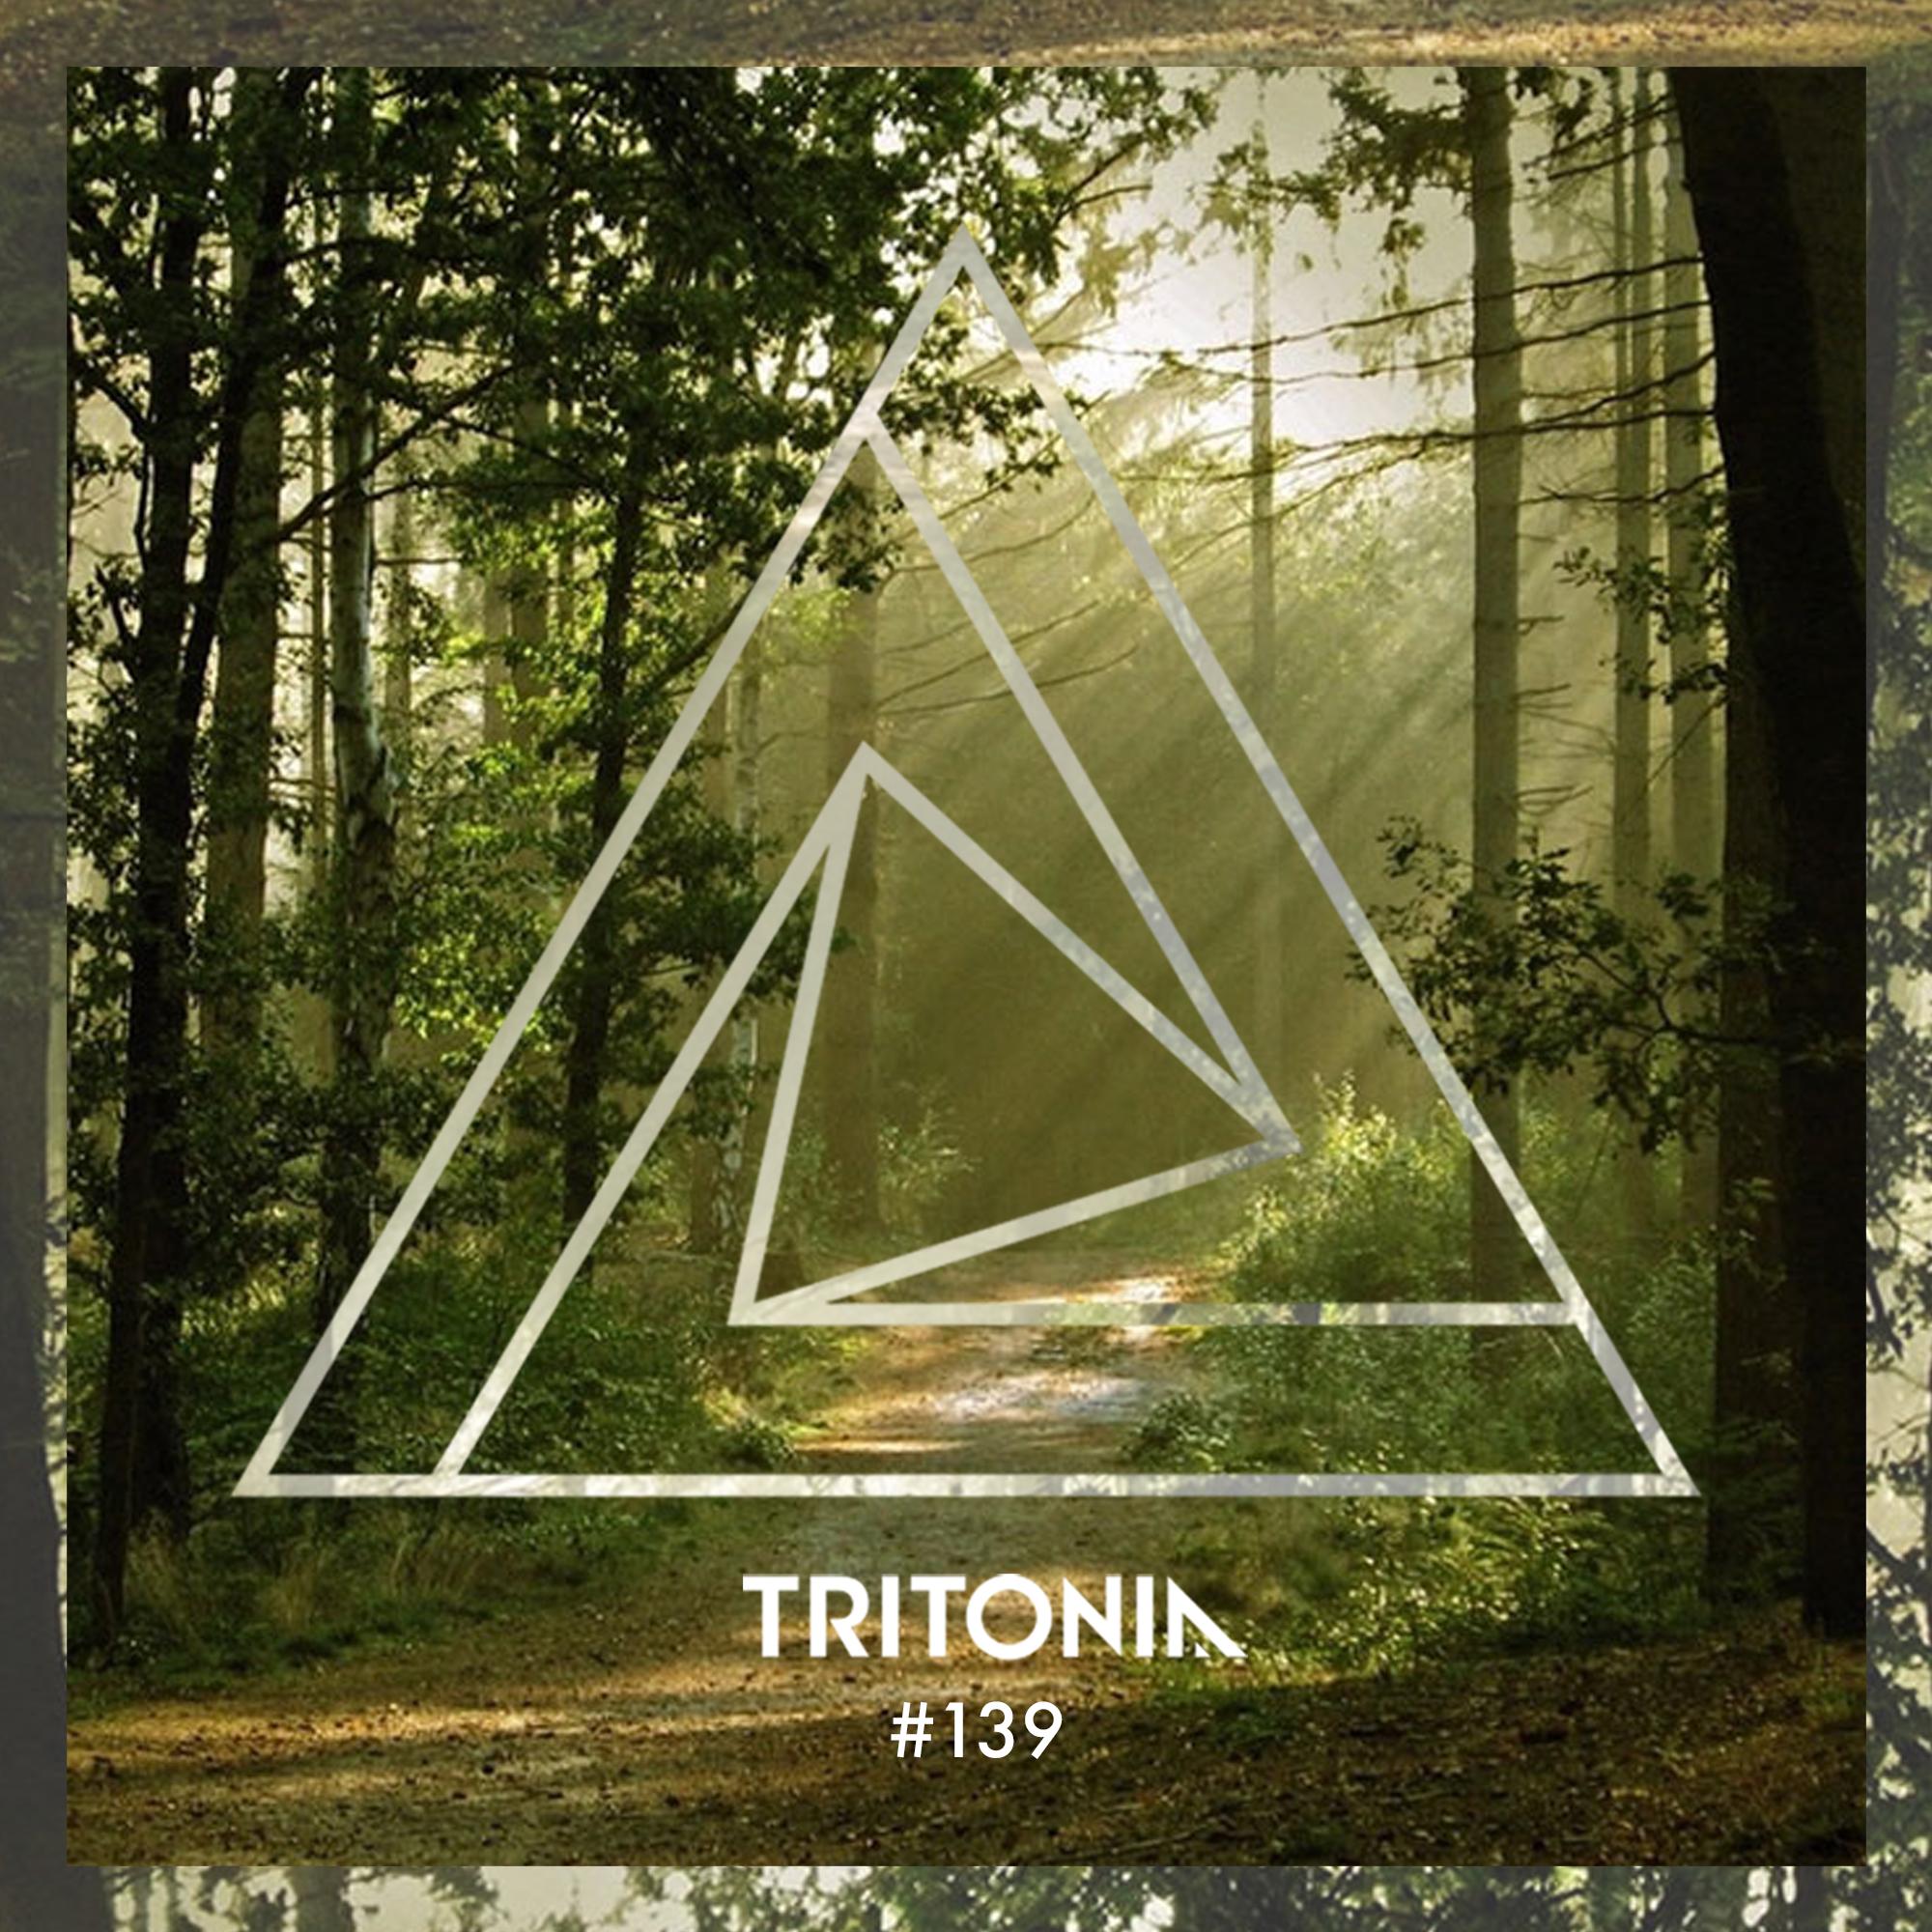 Tritonia 139